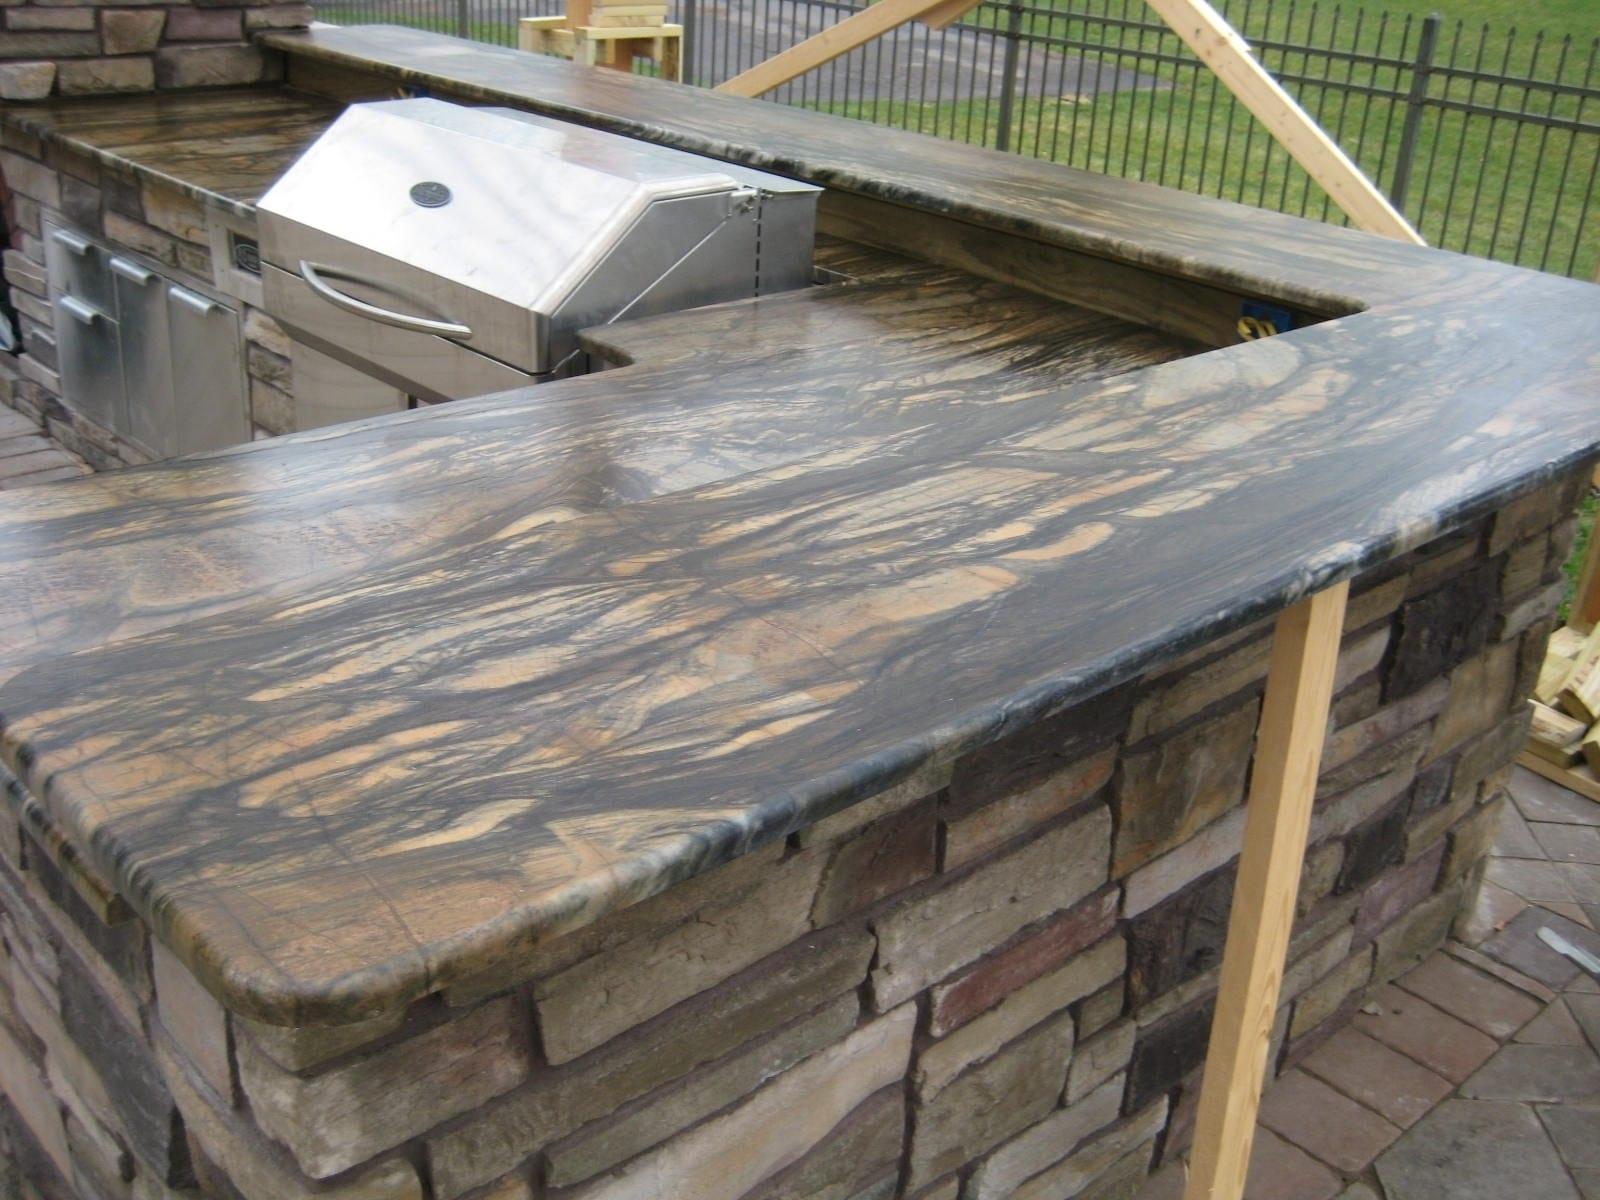 outdoor kitchen best countertop material Omaha